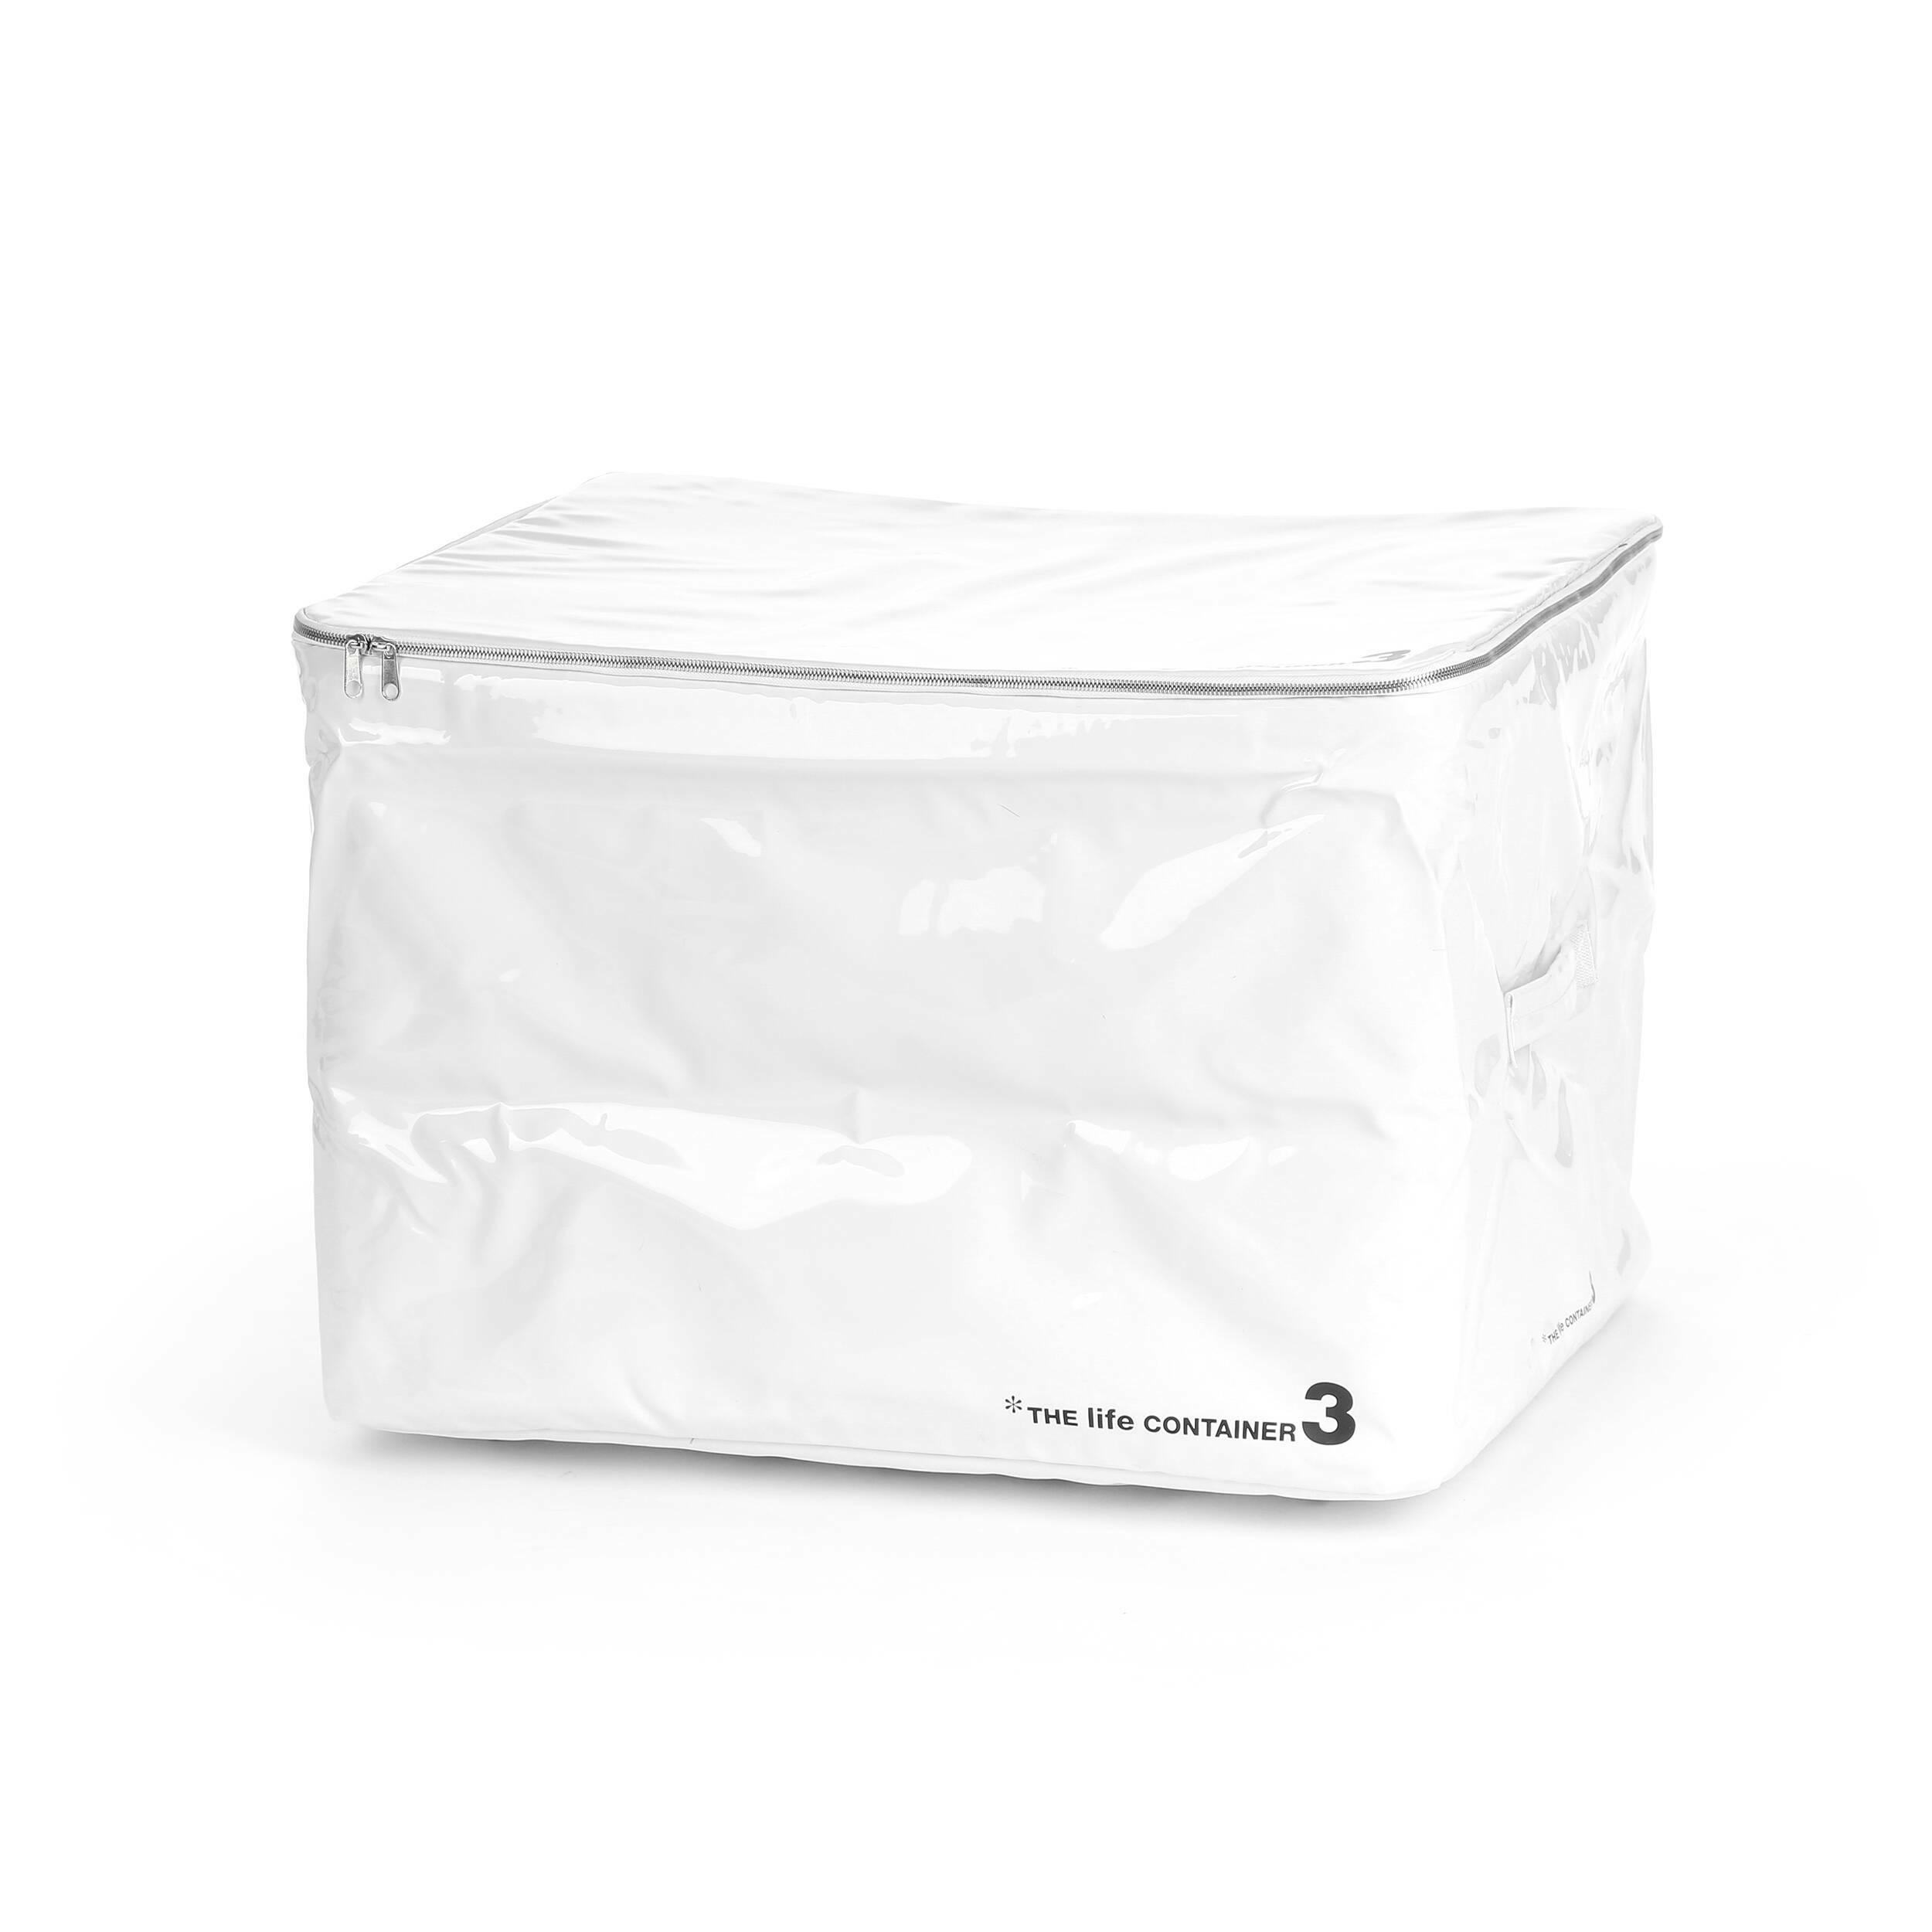 Контейнер для хранения The Life Container 3 белый